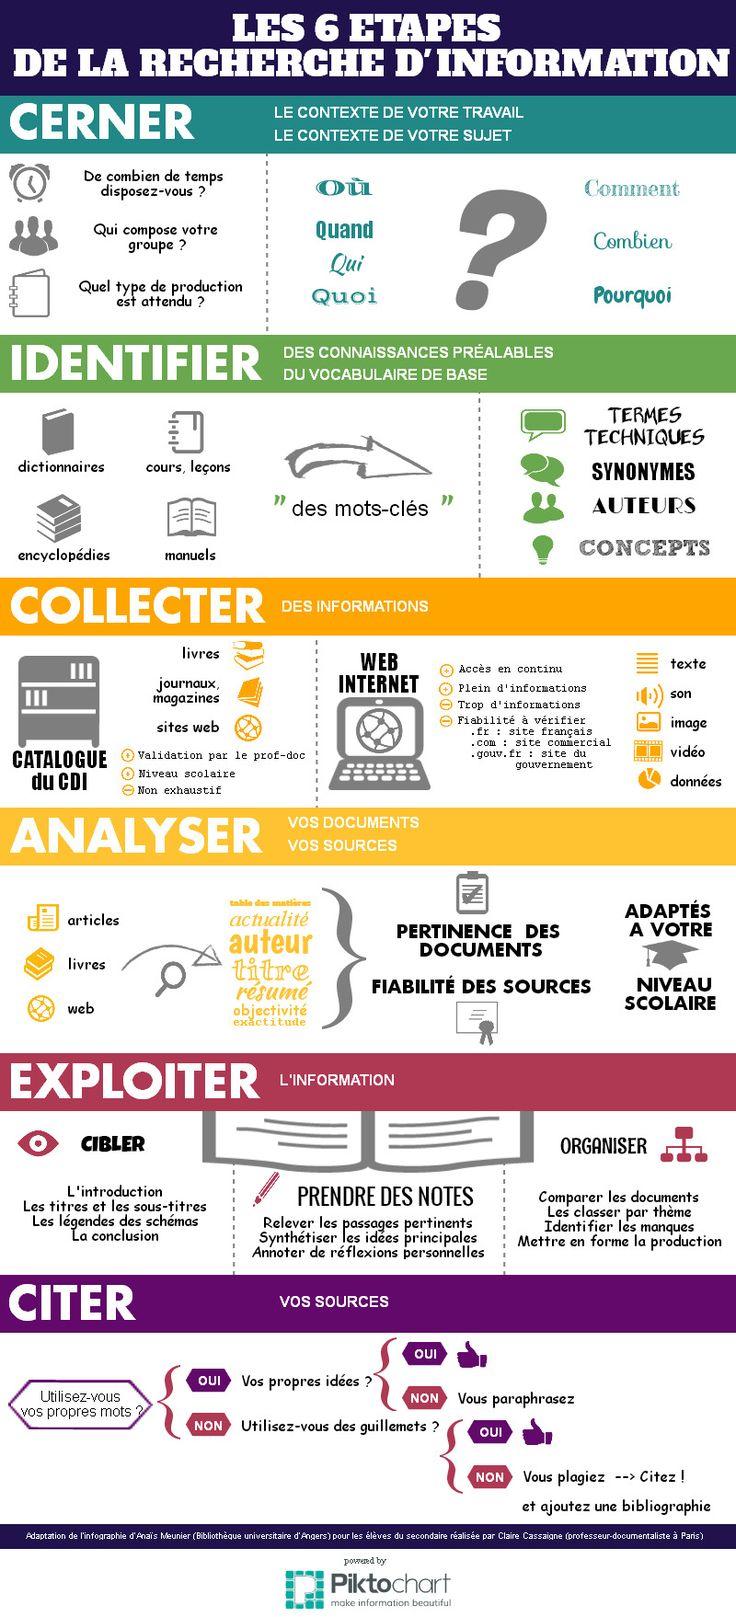 Psychology : Etapes de la recherche d'information | Piktochart Infographic Editor…